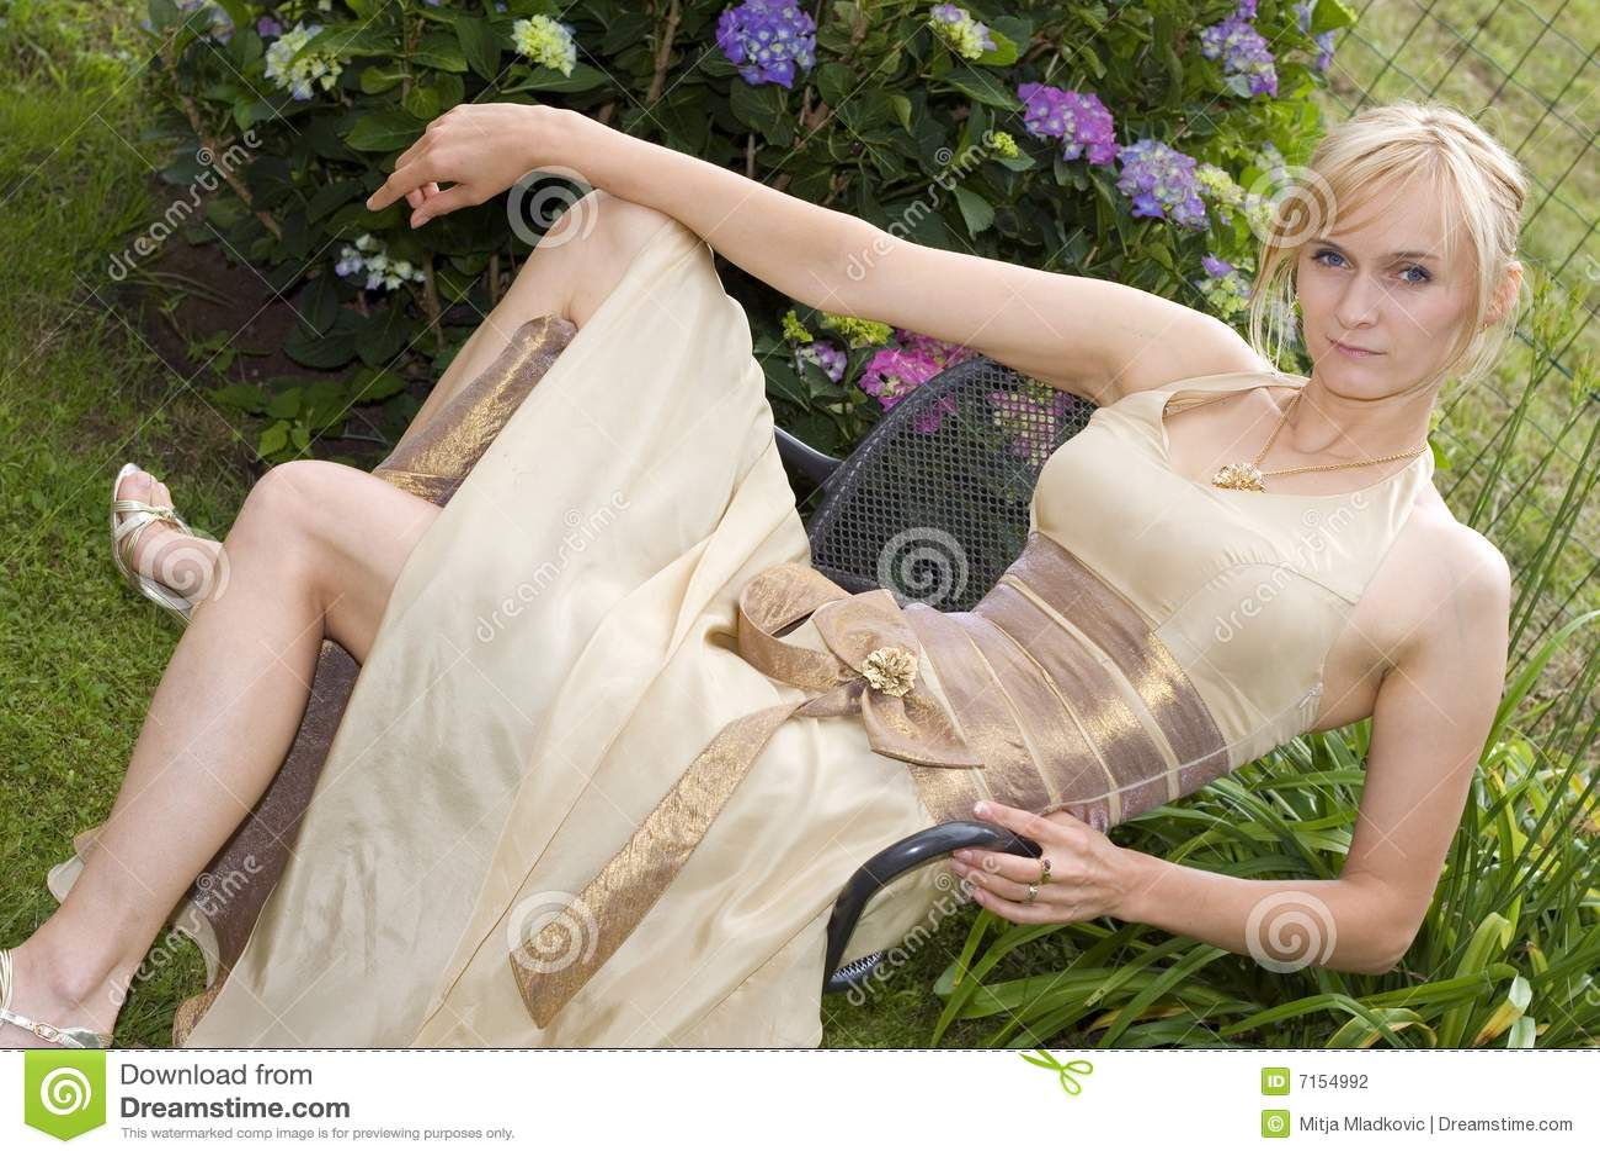 Photo Of Sexy Bride 67